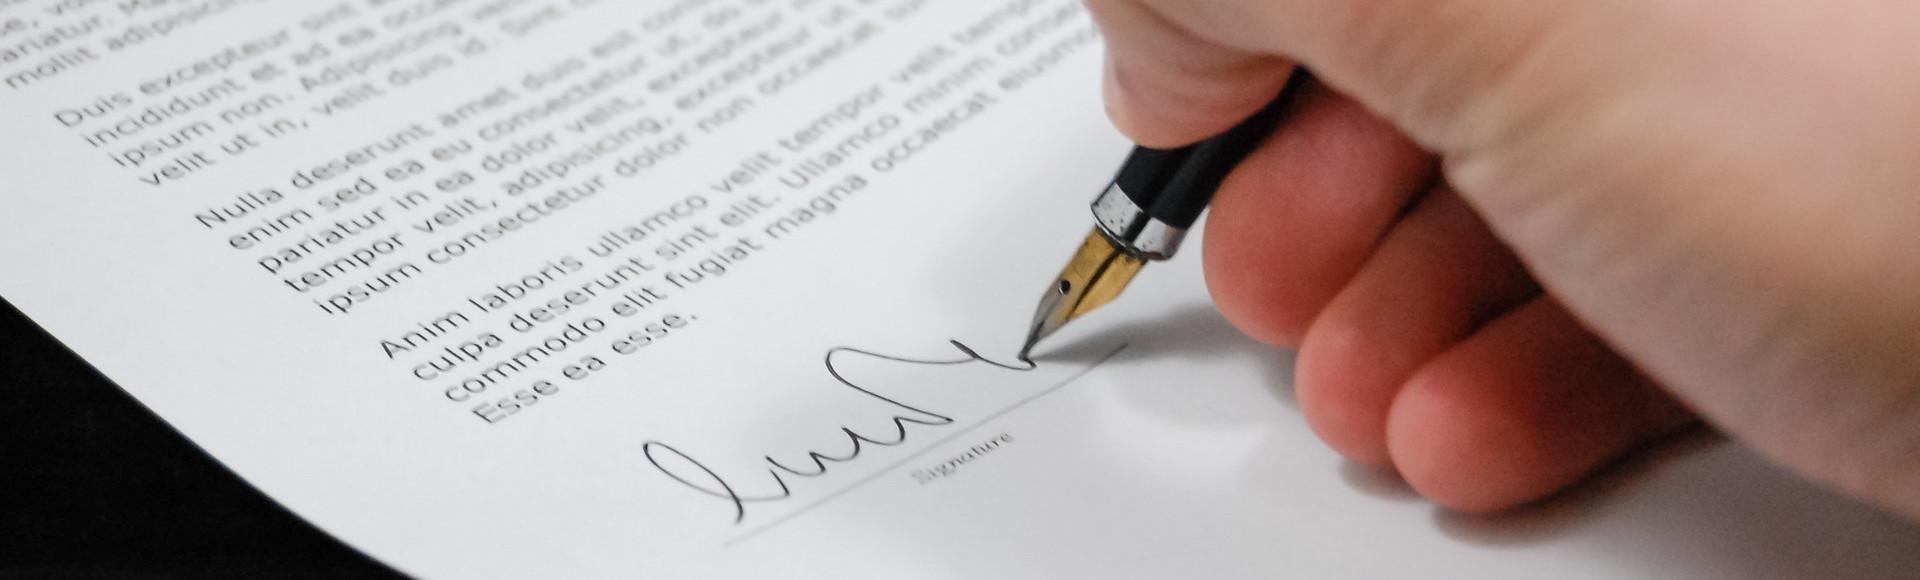 zdjęcie do Podpisując umowę deweloperska powinniśmy sprawdzić stan prawny gruntów, na których powstaje inwestycja. W artykule opisujemy kwestie związane z umową deweloperską oraz użytkowaniem wieczystym.